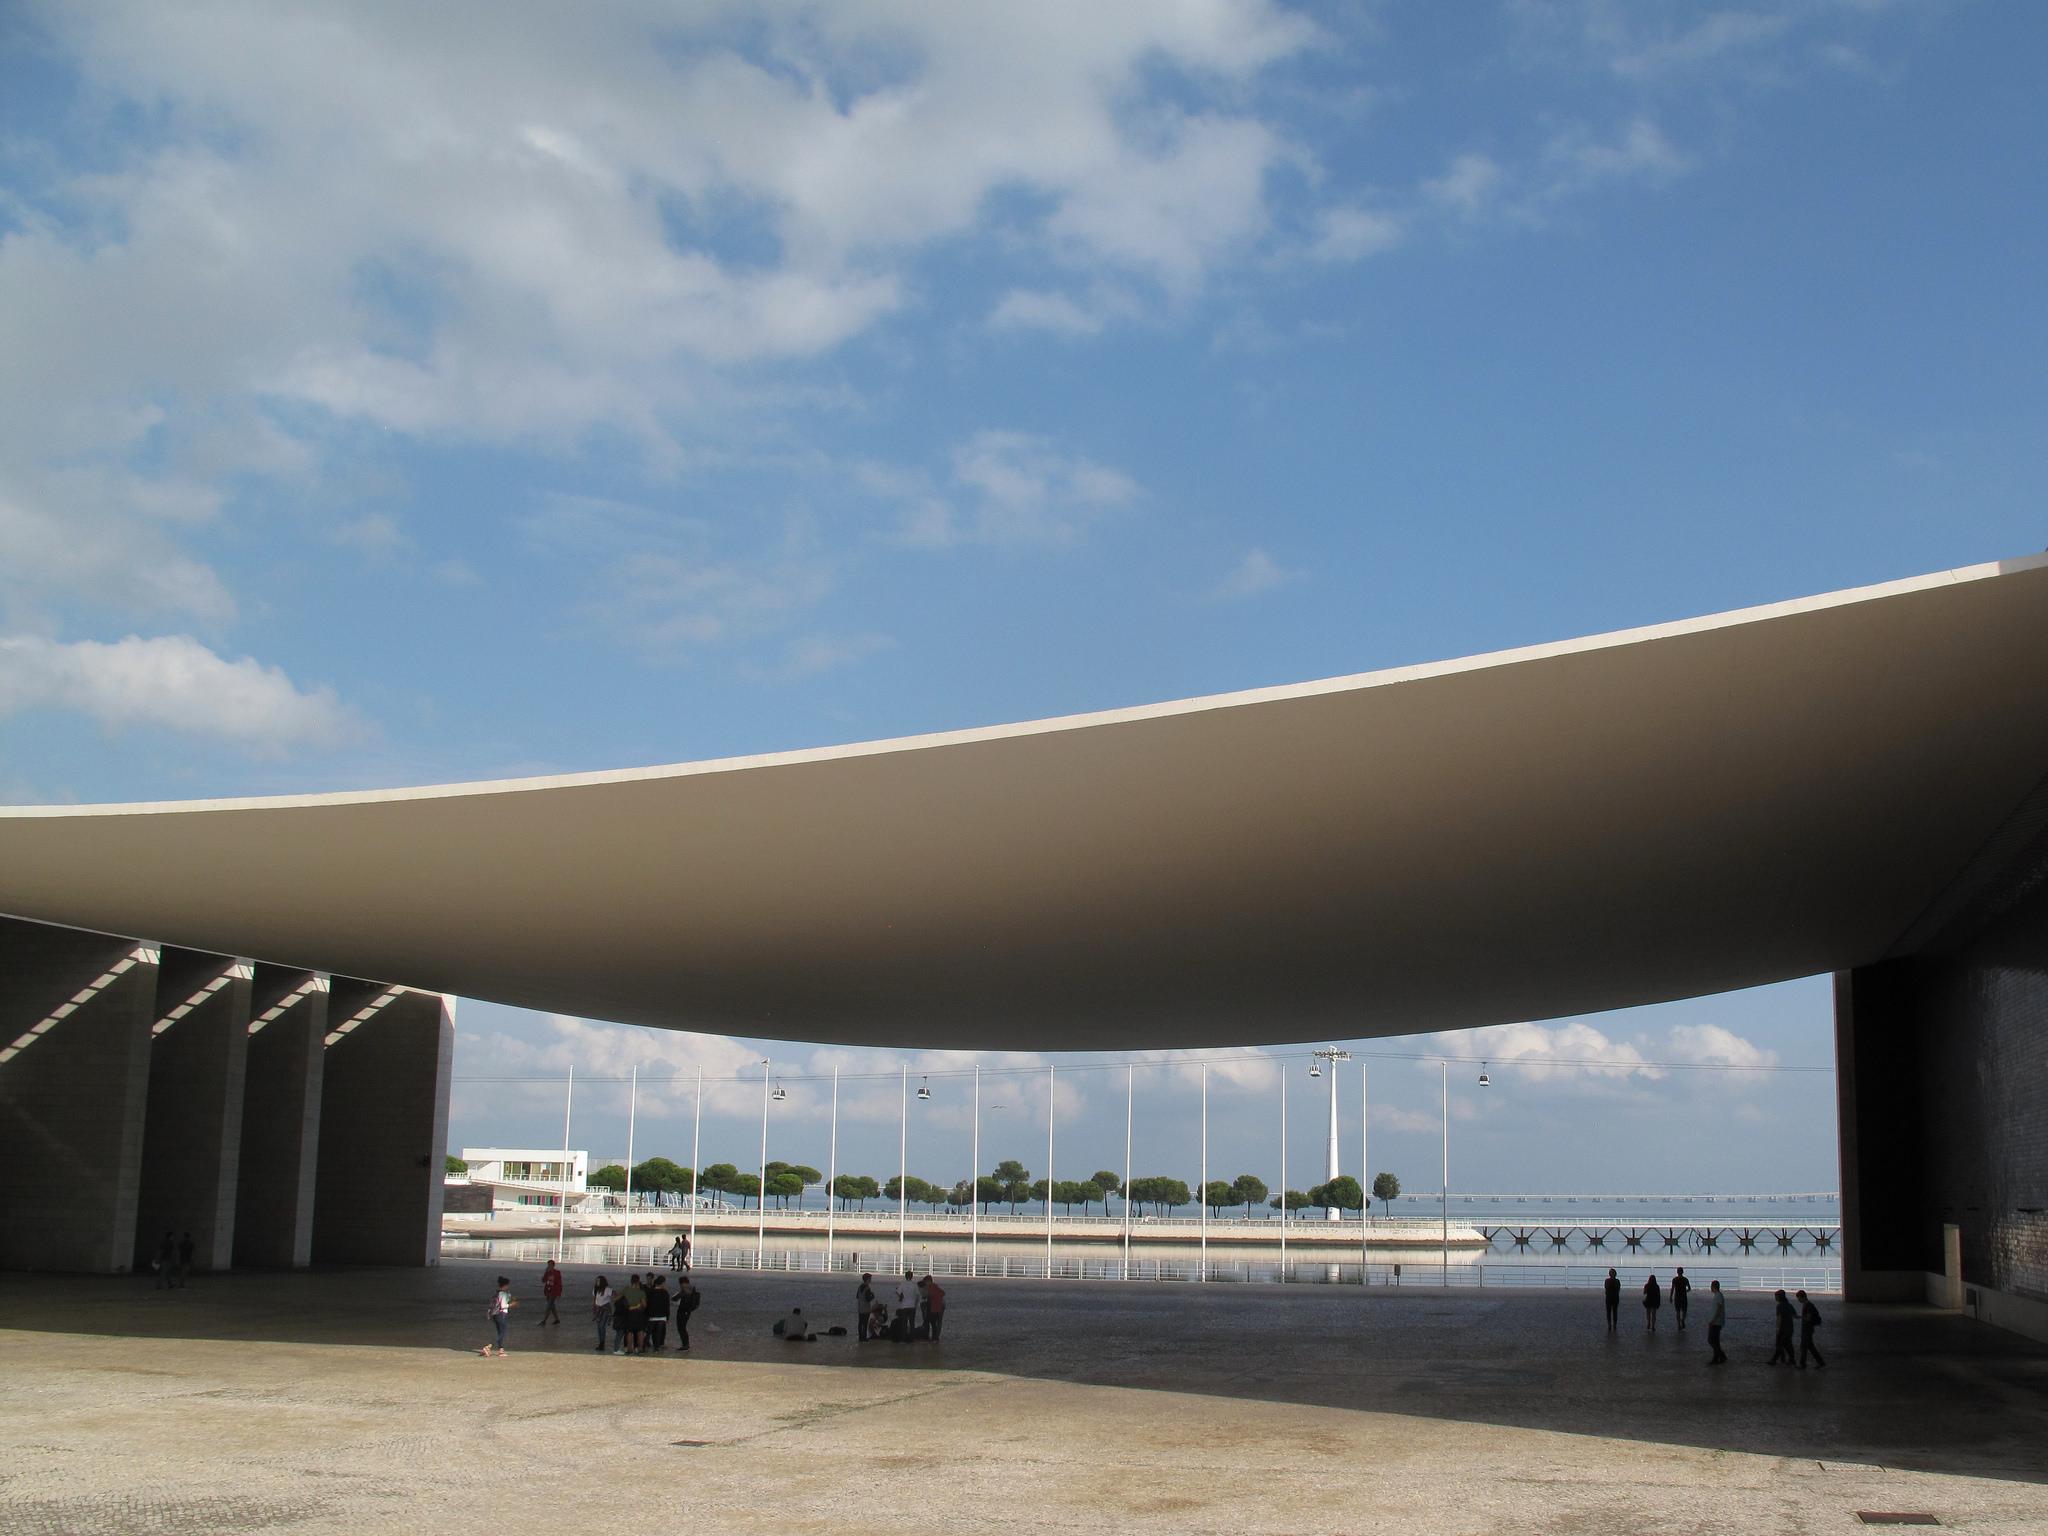 Portugal Pavilion © Nine LaMaitre / Flickr